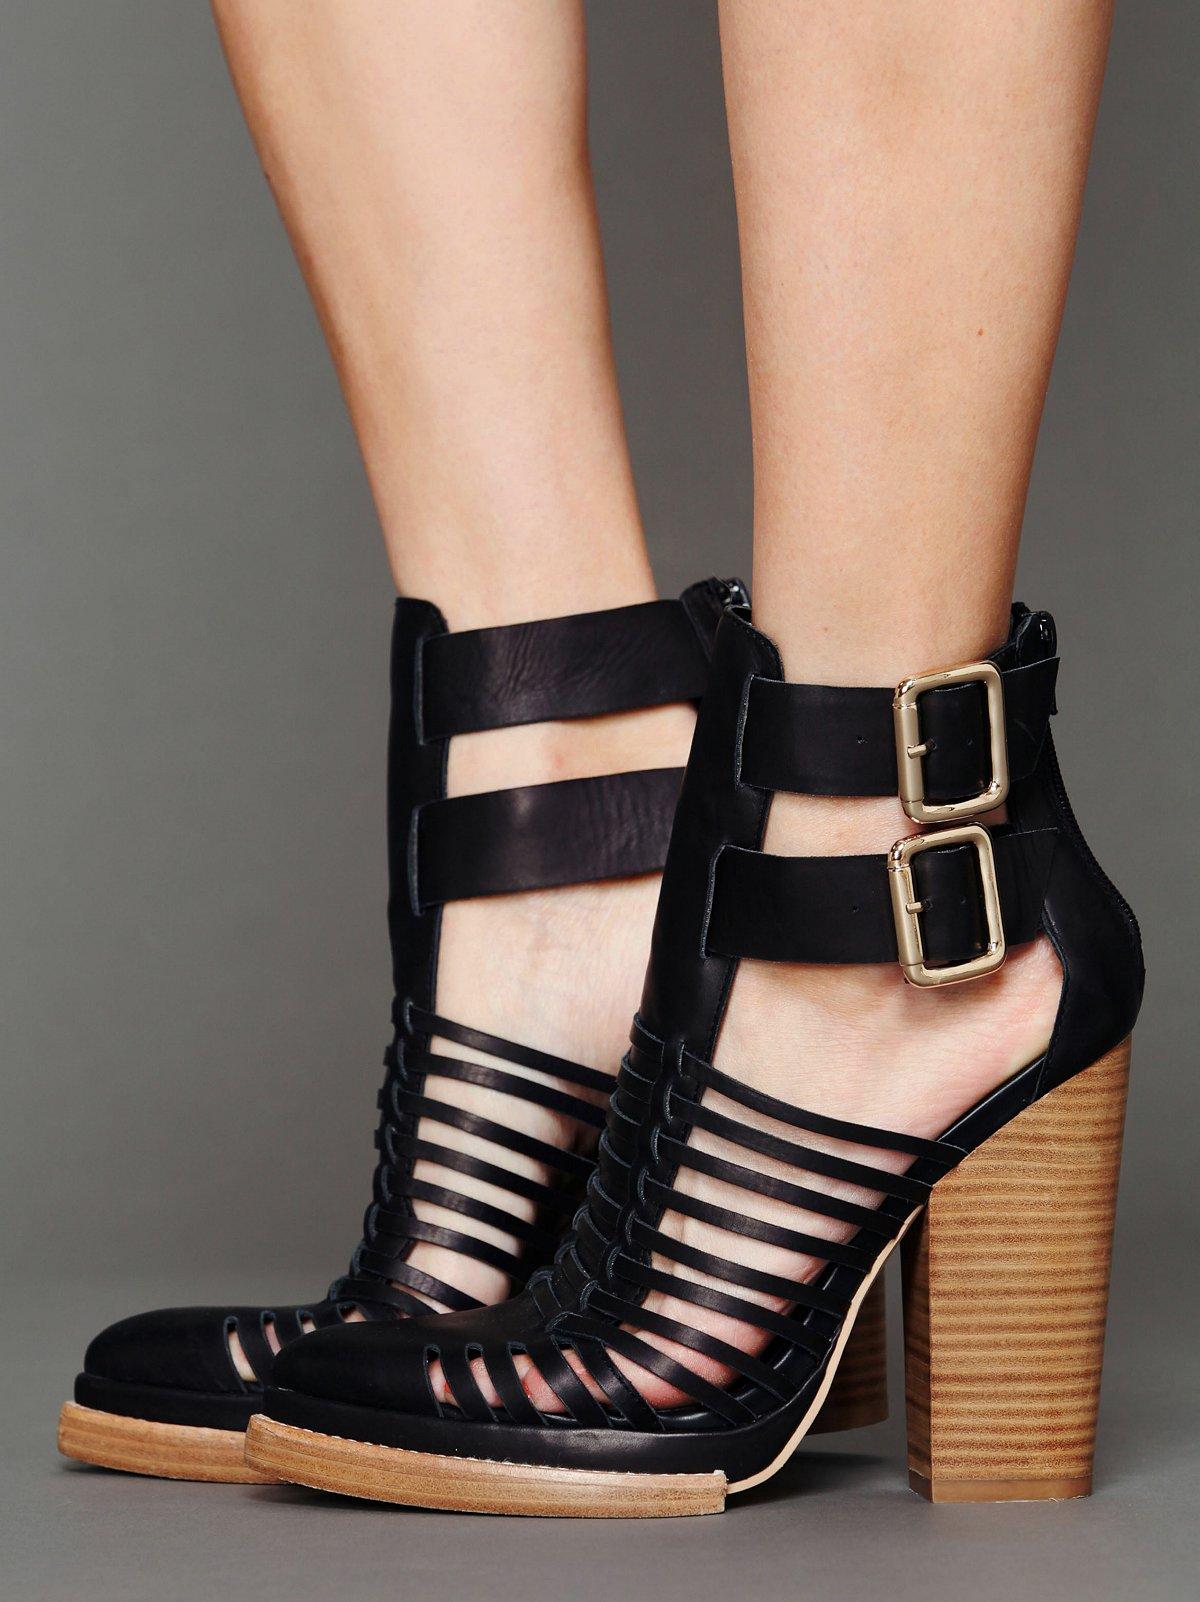 Fairfax Heel